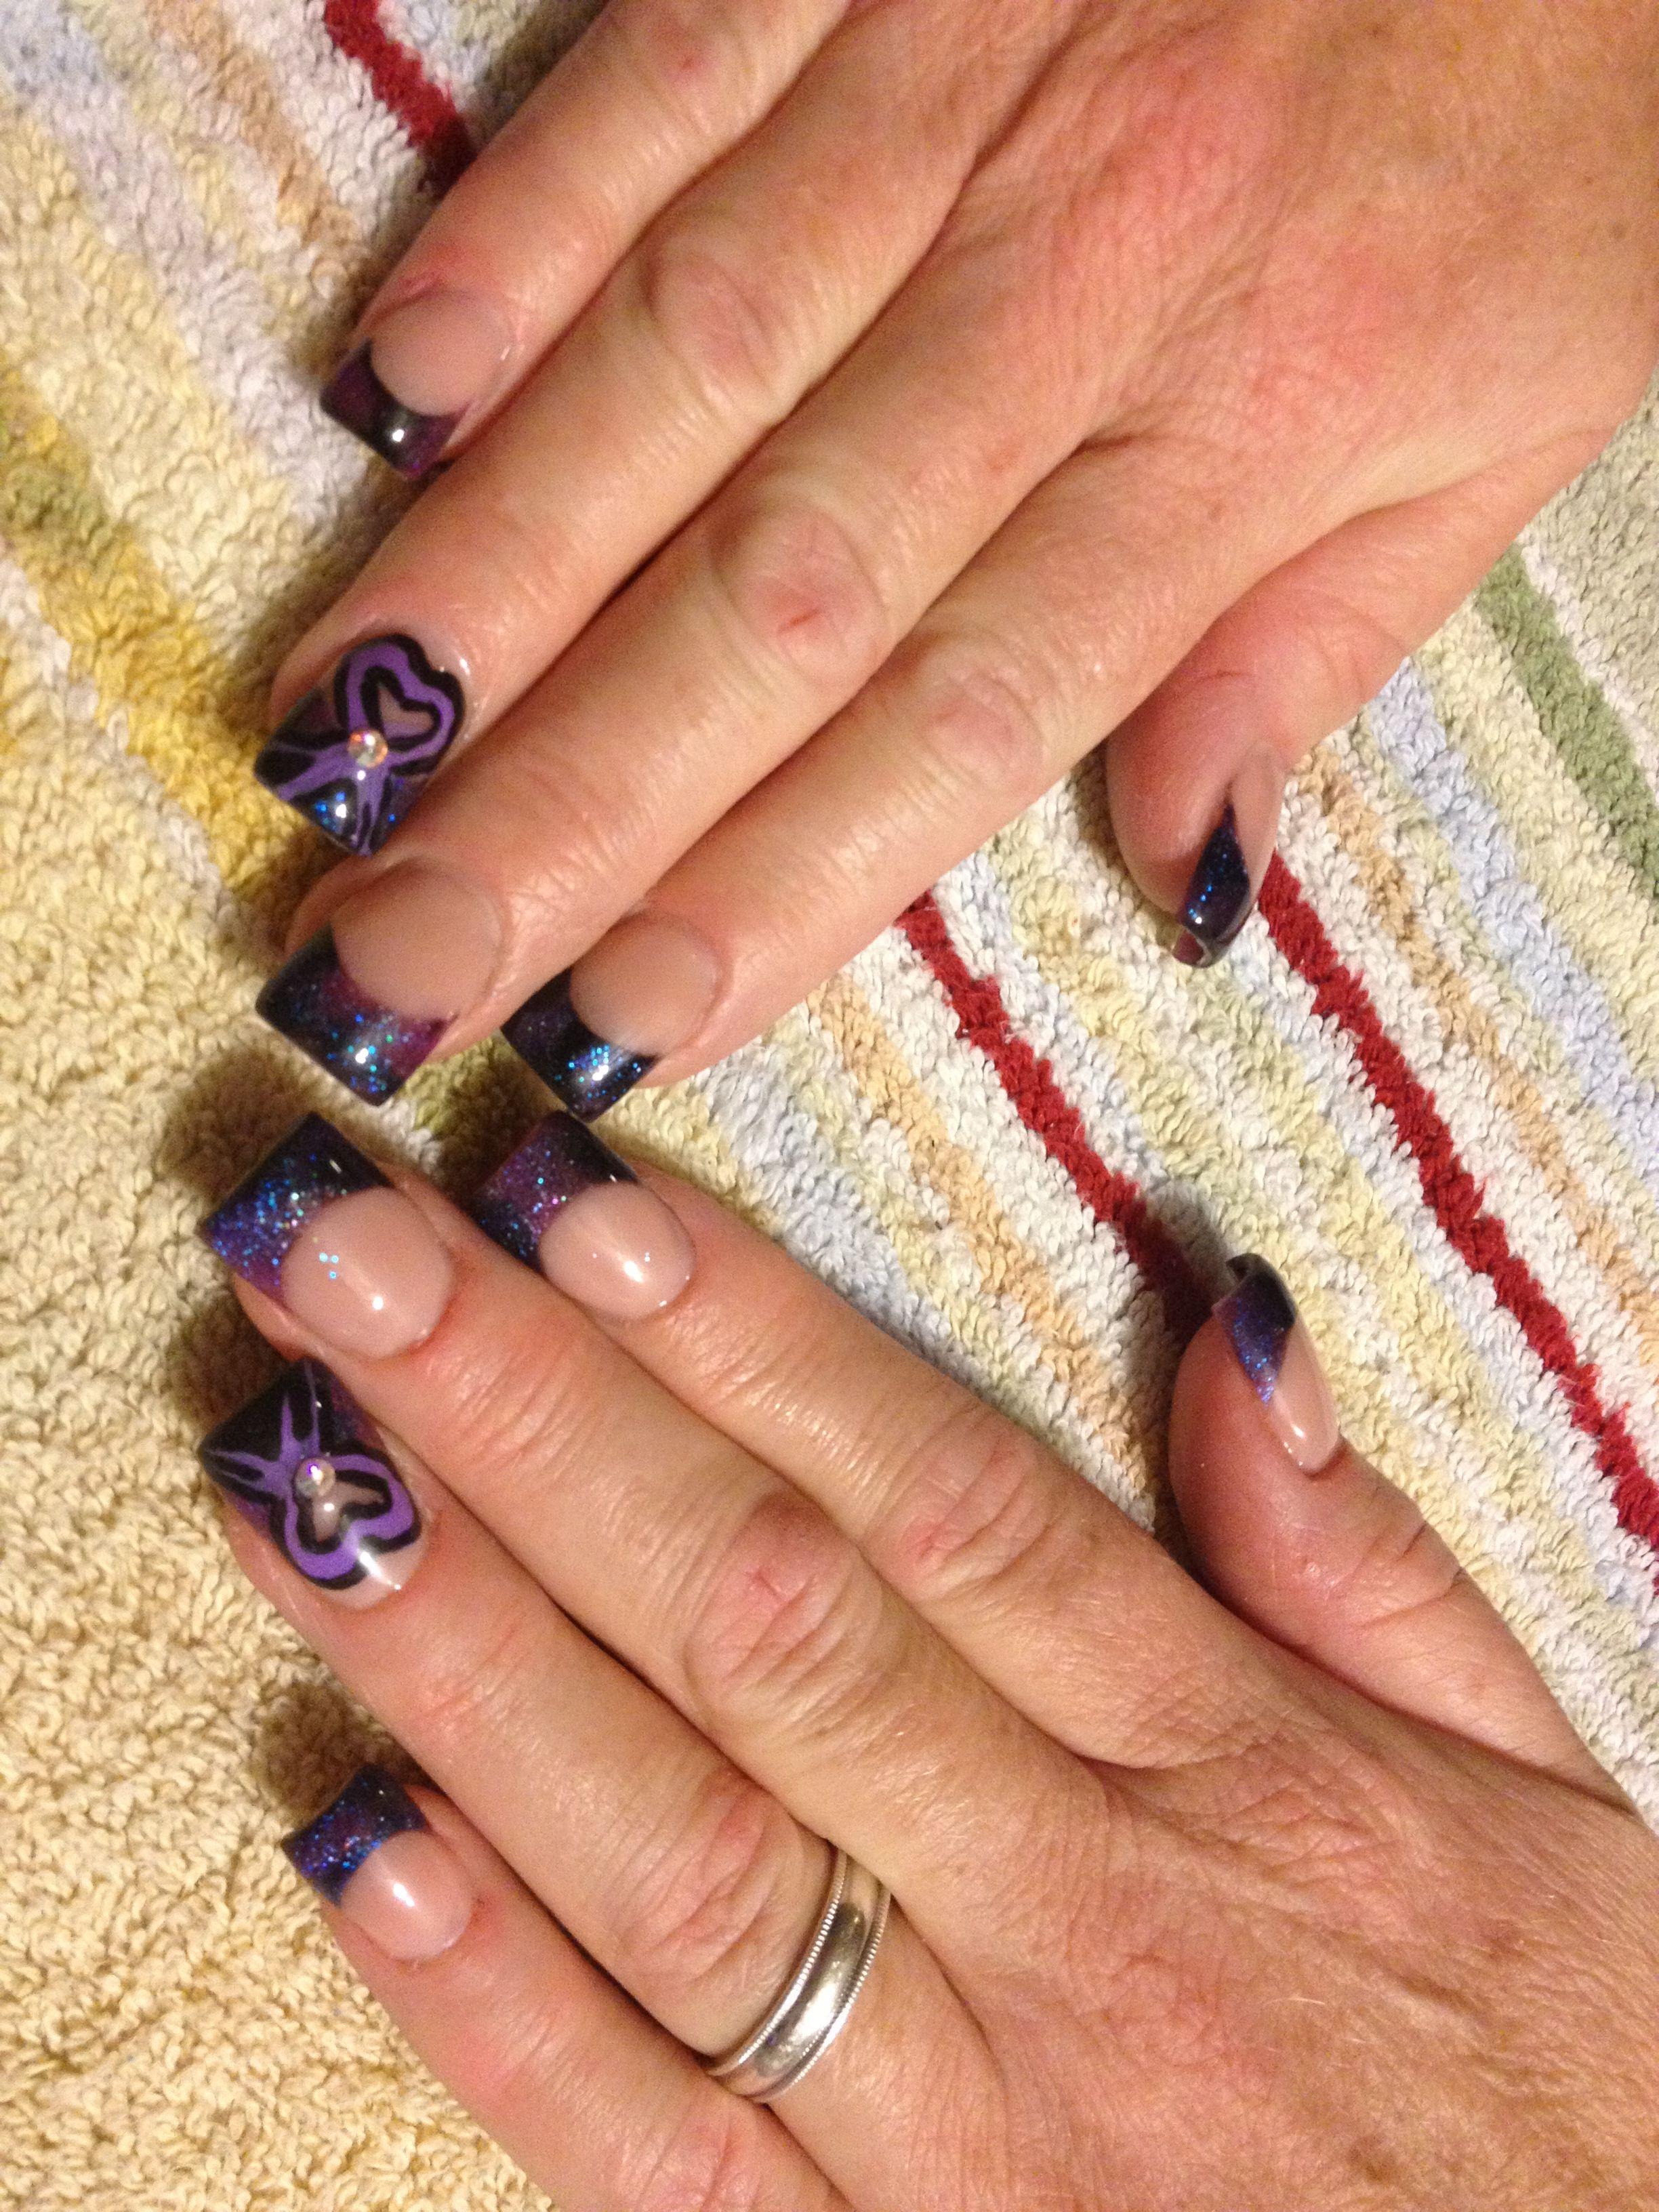 Epilepsy Awareness Nails Epilepsy Awareness Nail Art Epilepsy